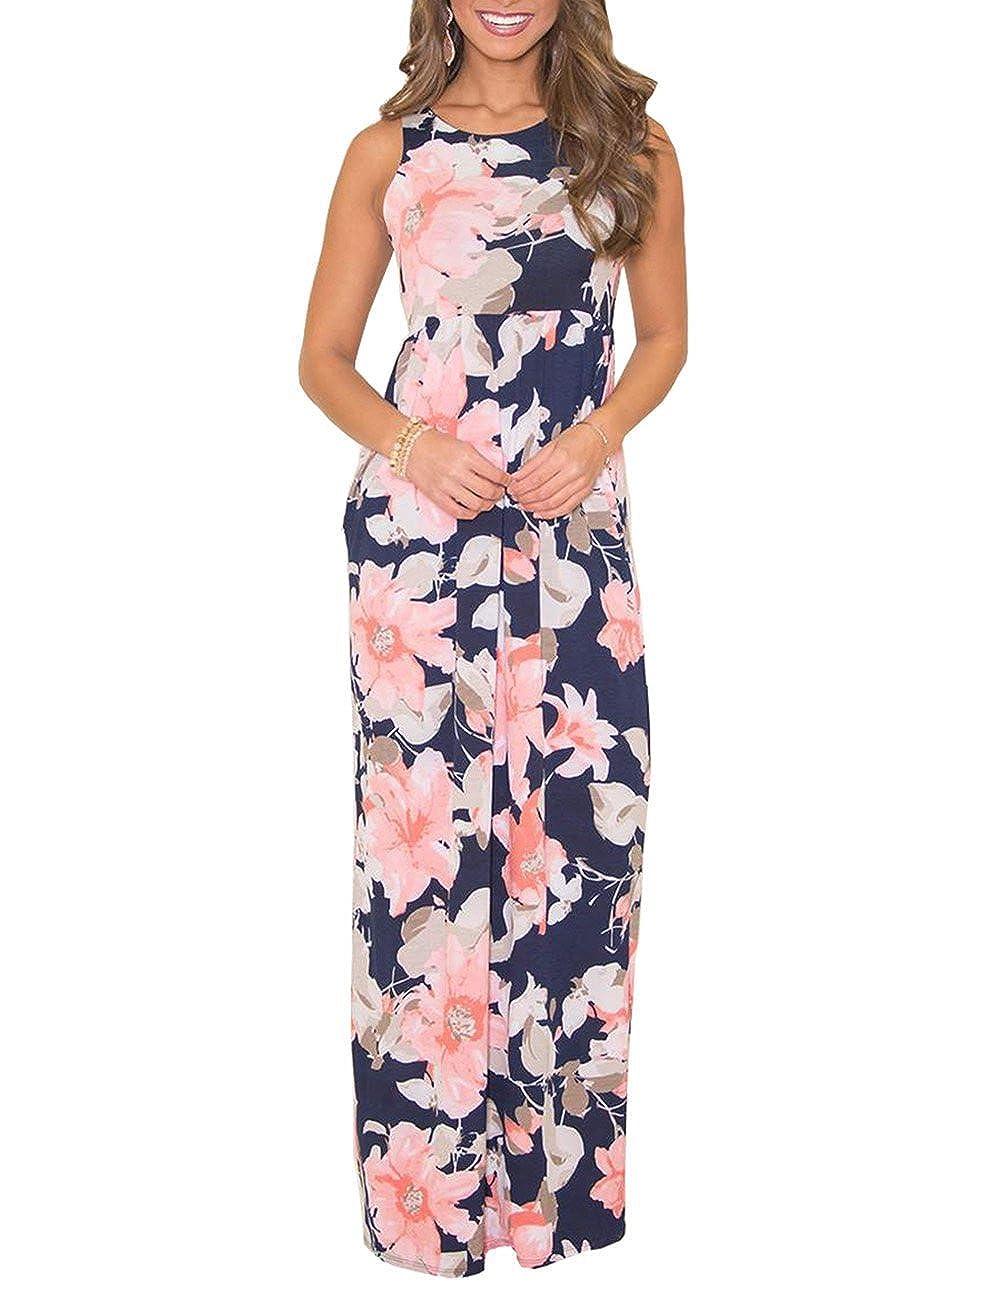 Demetory Women`s Boho Summer Empire Waist Long Flowy Beach Maxi Party Dress